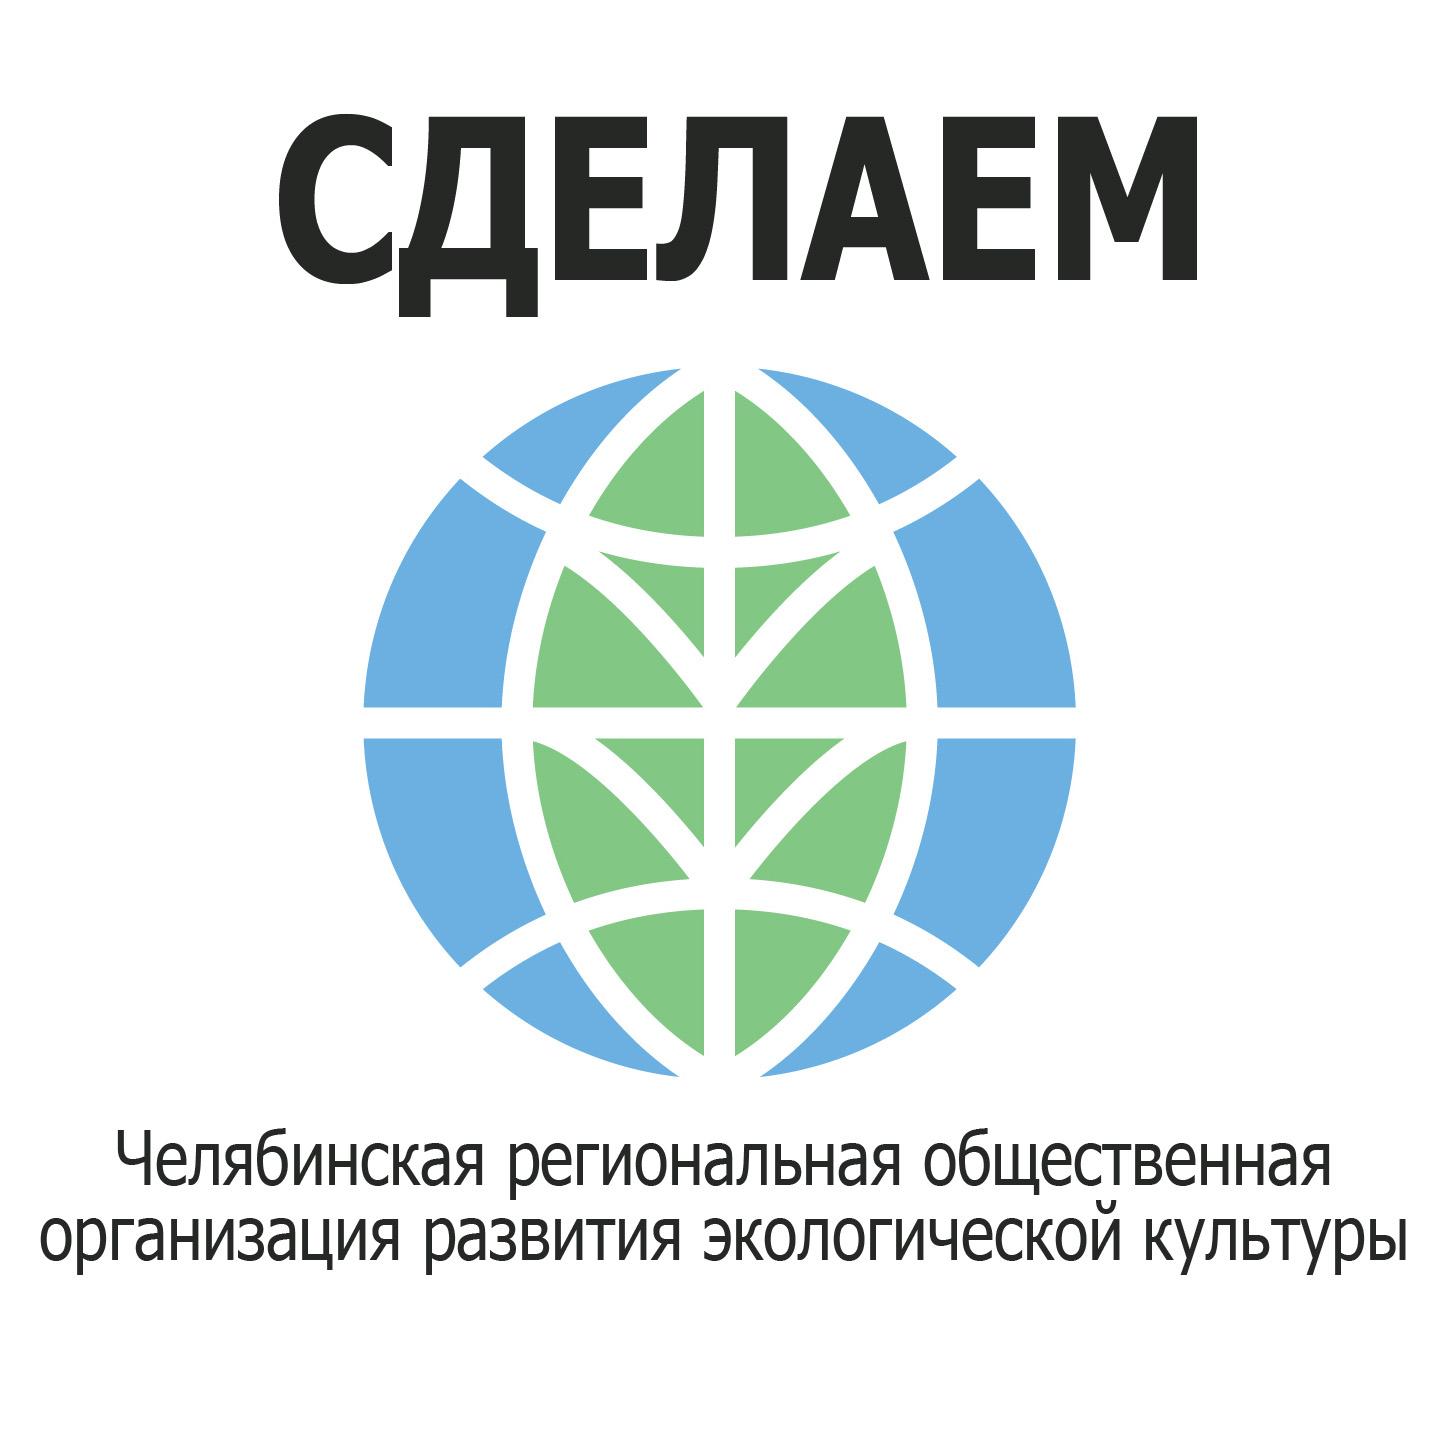 Сделаем Челябинскую область чище